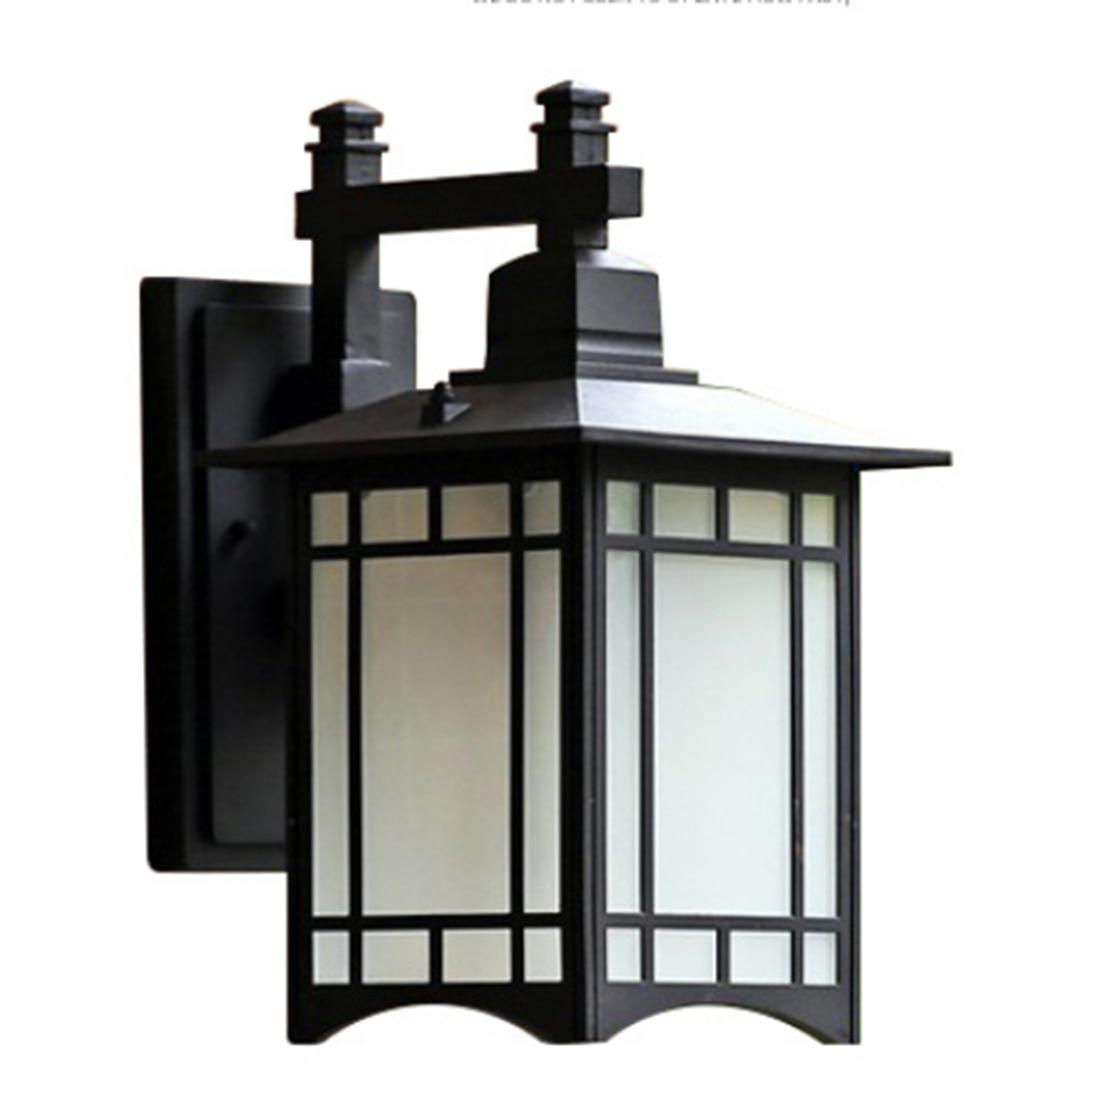 Modern Simple Outdoor Garden Wall Lamp Cover Creative Villa Garden Balcony Corridor Wall Lamp(No Light Source) - Black S